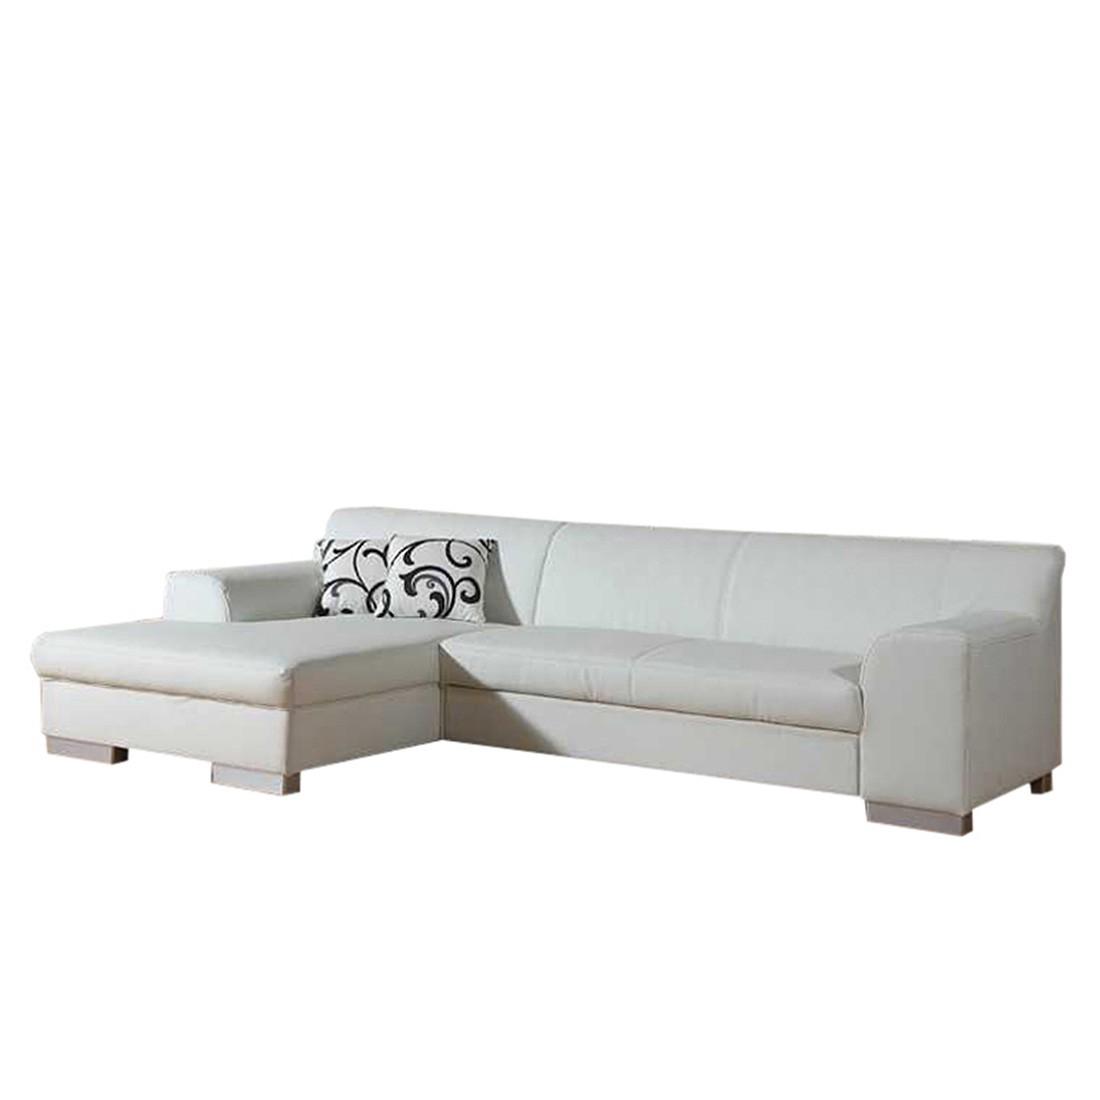 Ecksofa Hampton (mit/ohne Schlaffunktion) – Kunstleder Weiß – Longchair davorstehend links – mit Schlaffunktion, Home Design günstig kaufen